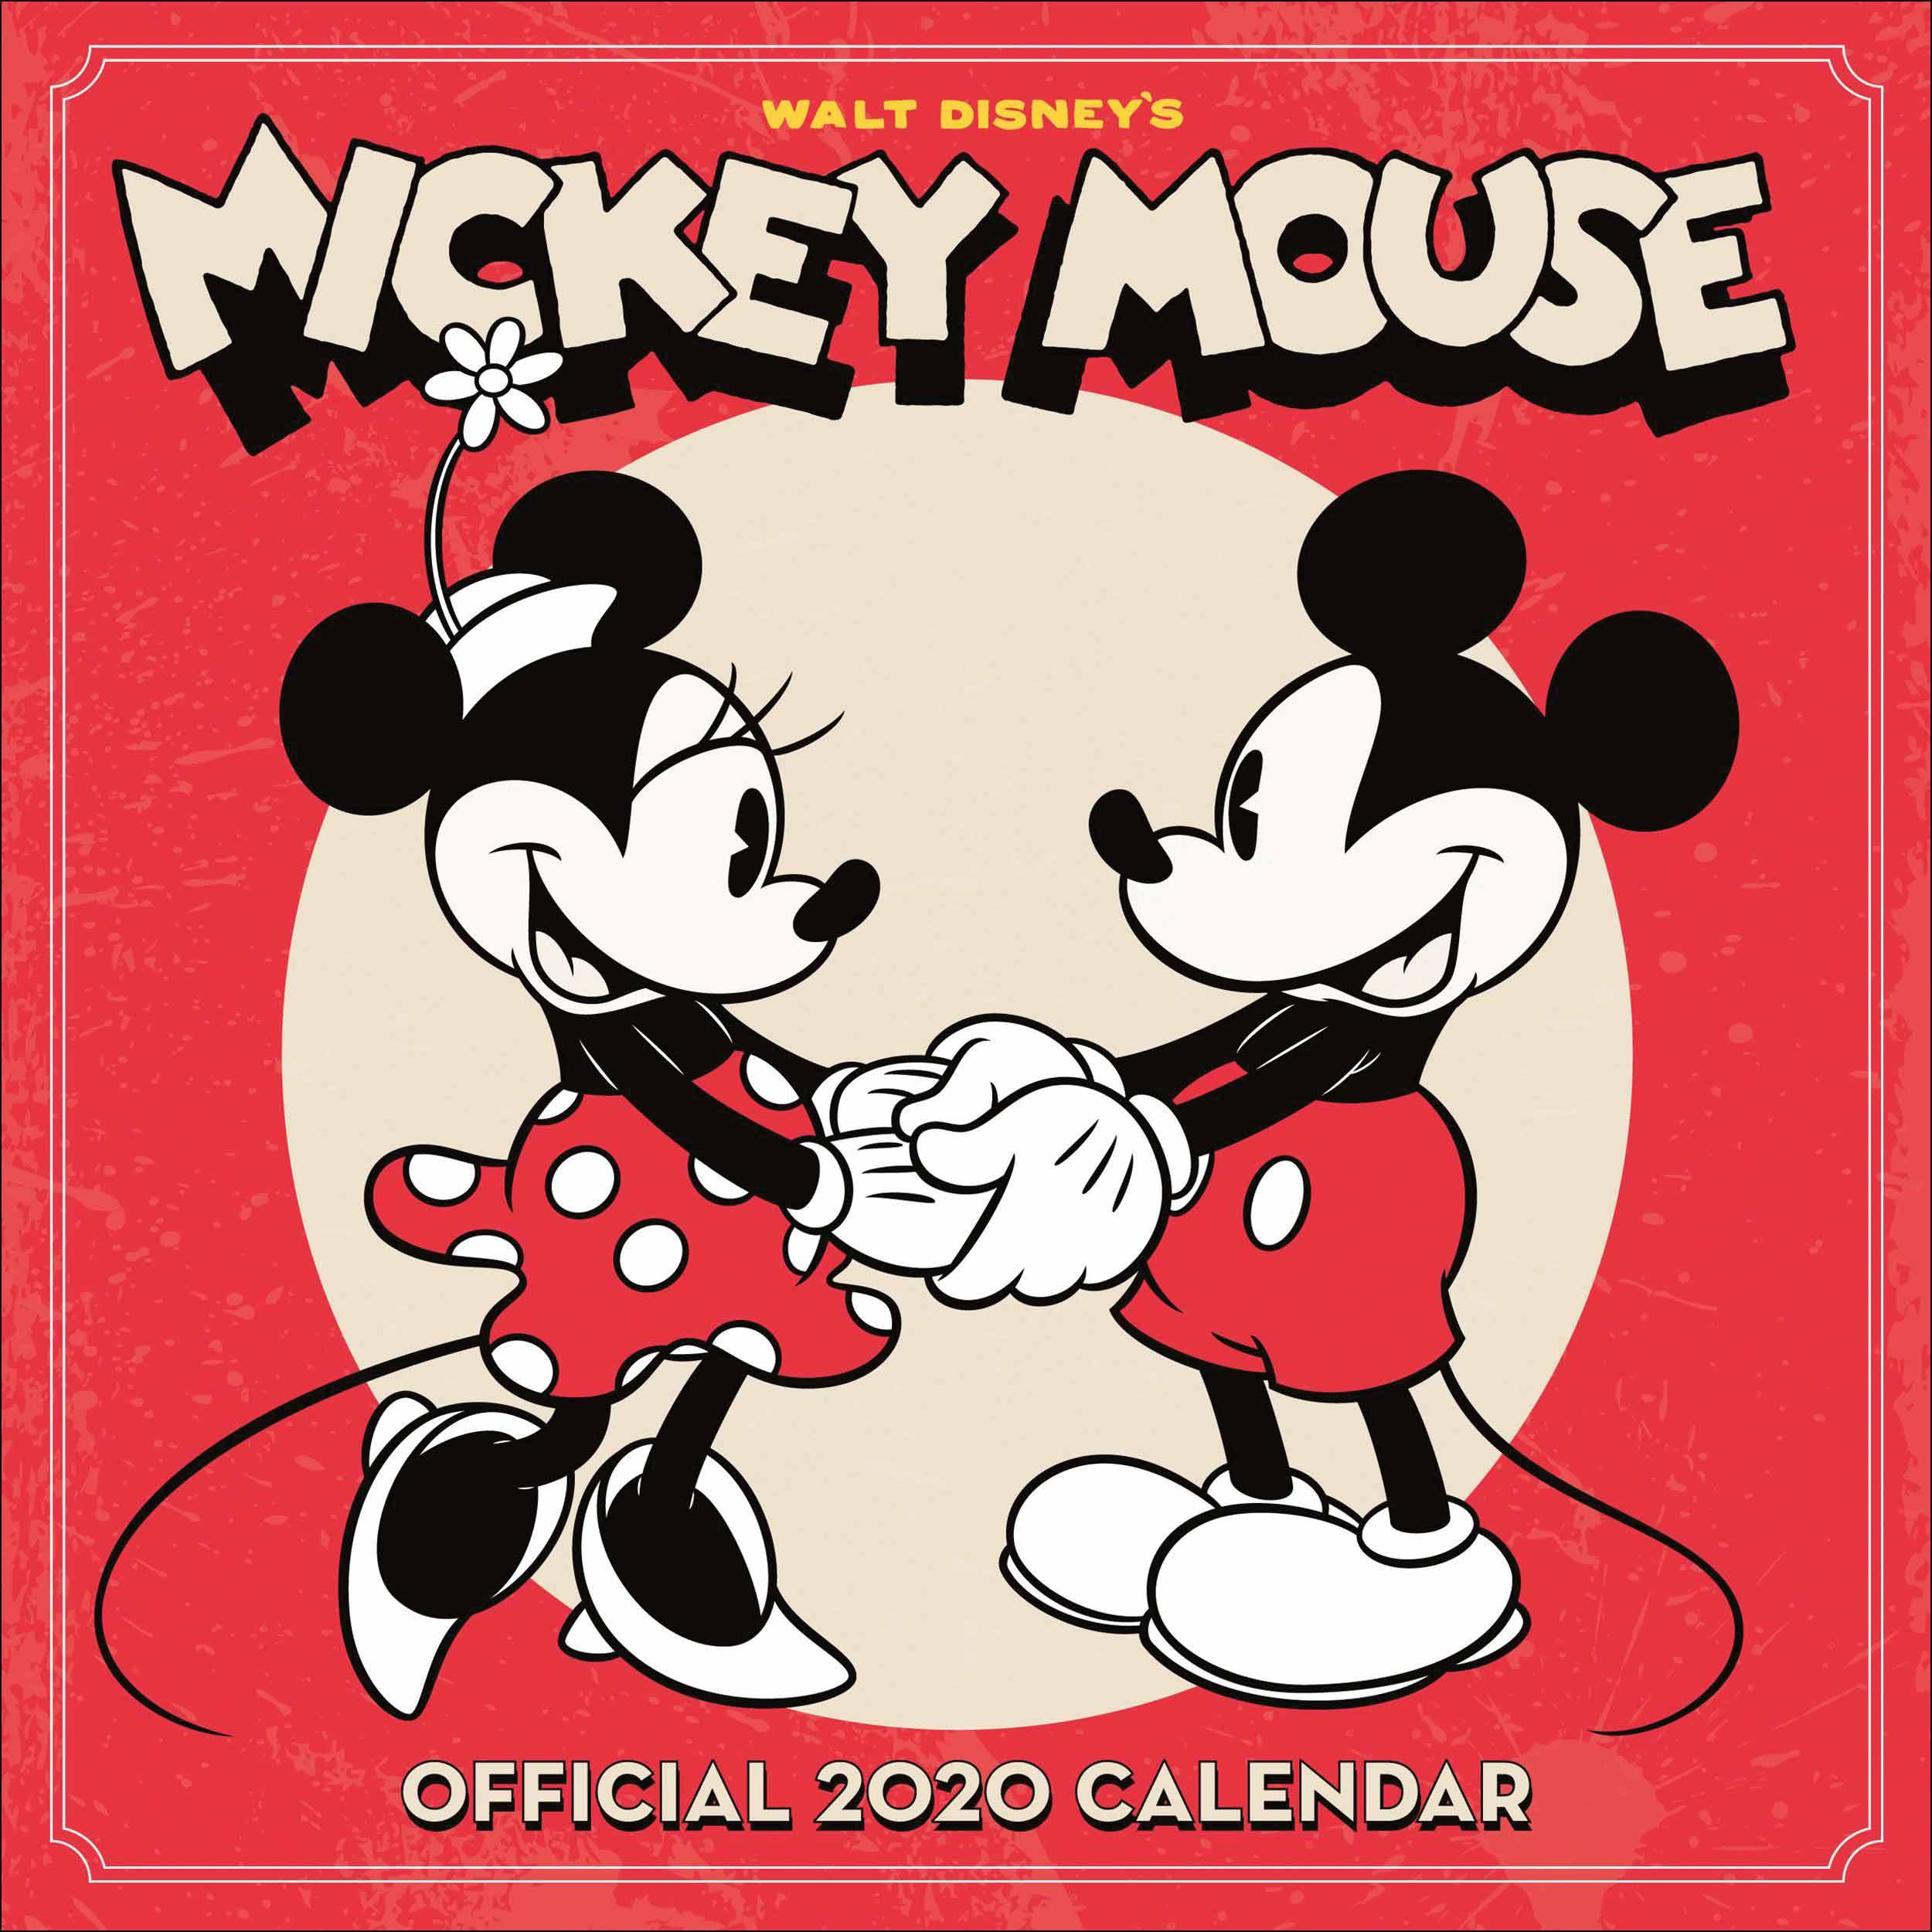 CHuột Mickey cùng nắm tay nhau